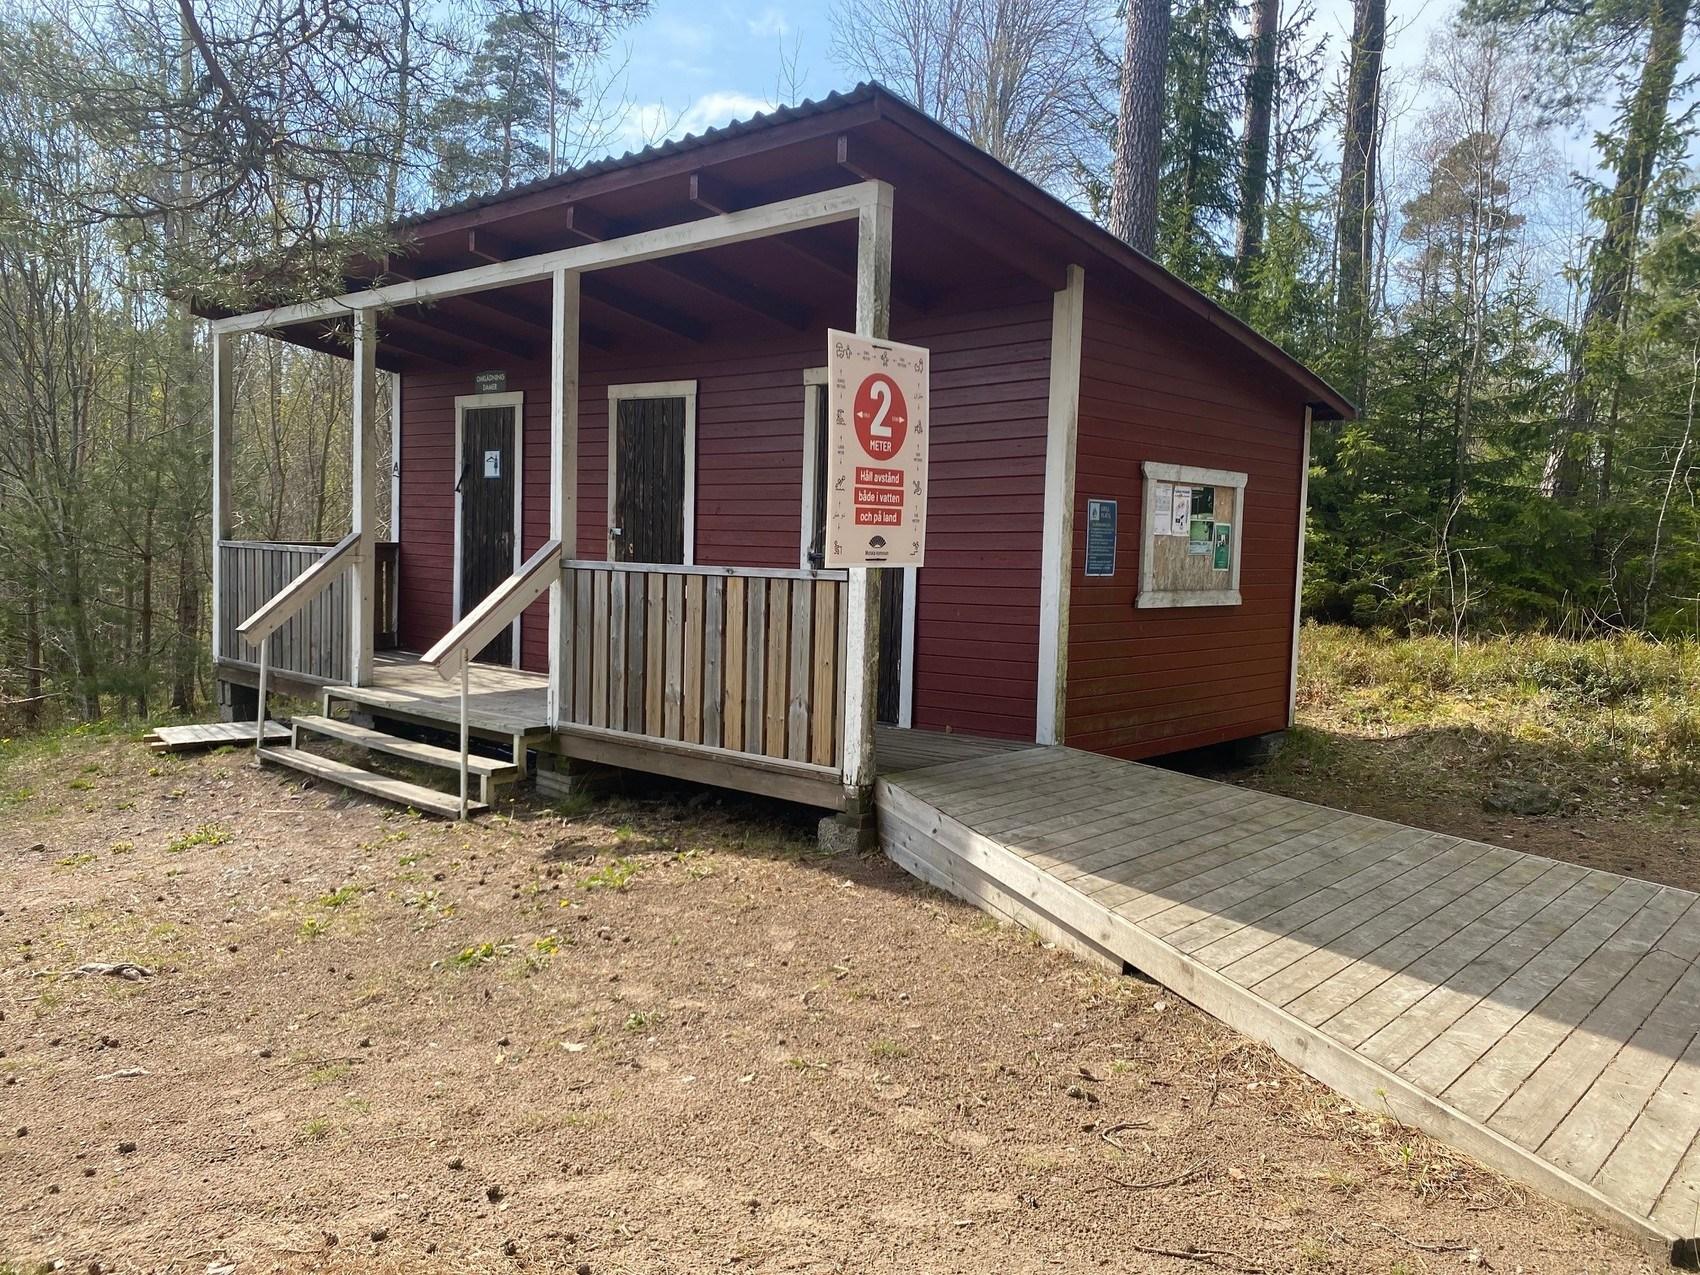 Röd toalettbyggnad med trappa och ramp som leder upp till dörrarna.